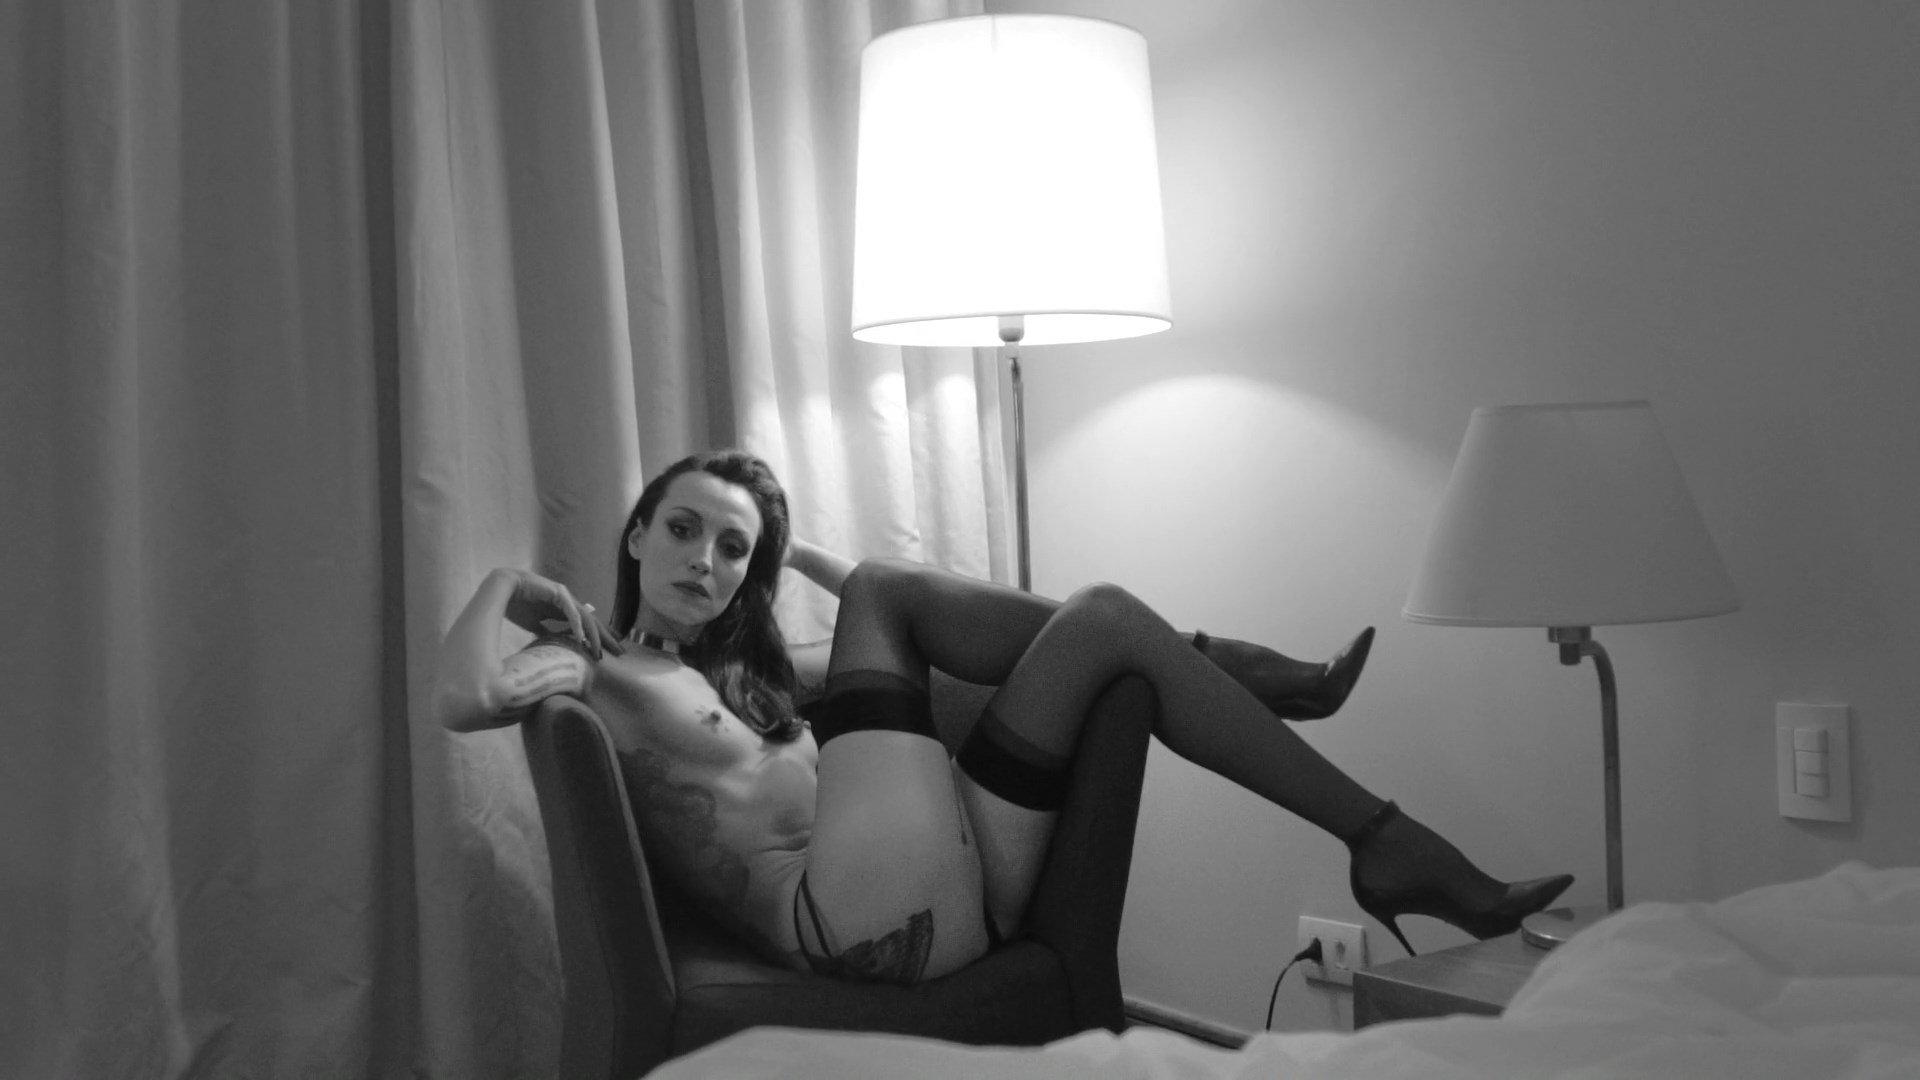 Marina Squerciati Any Nude Photos